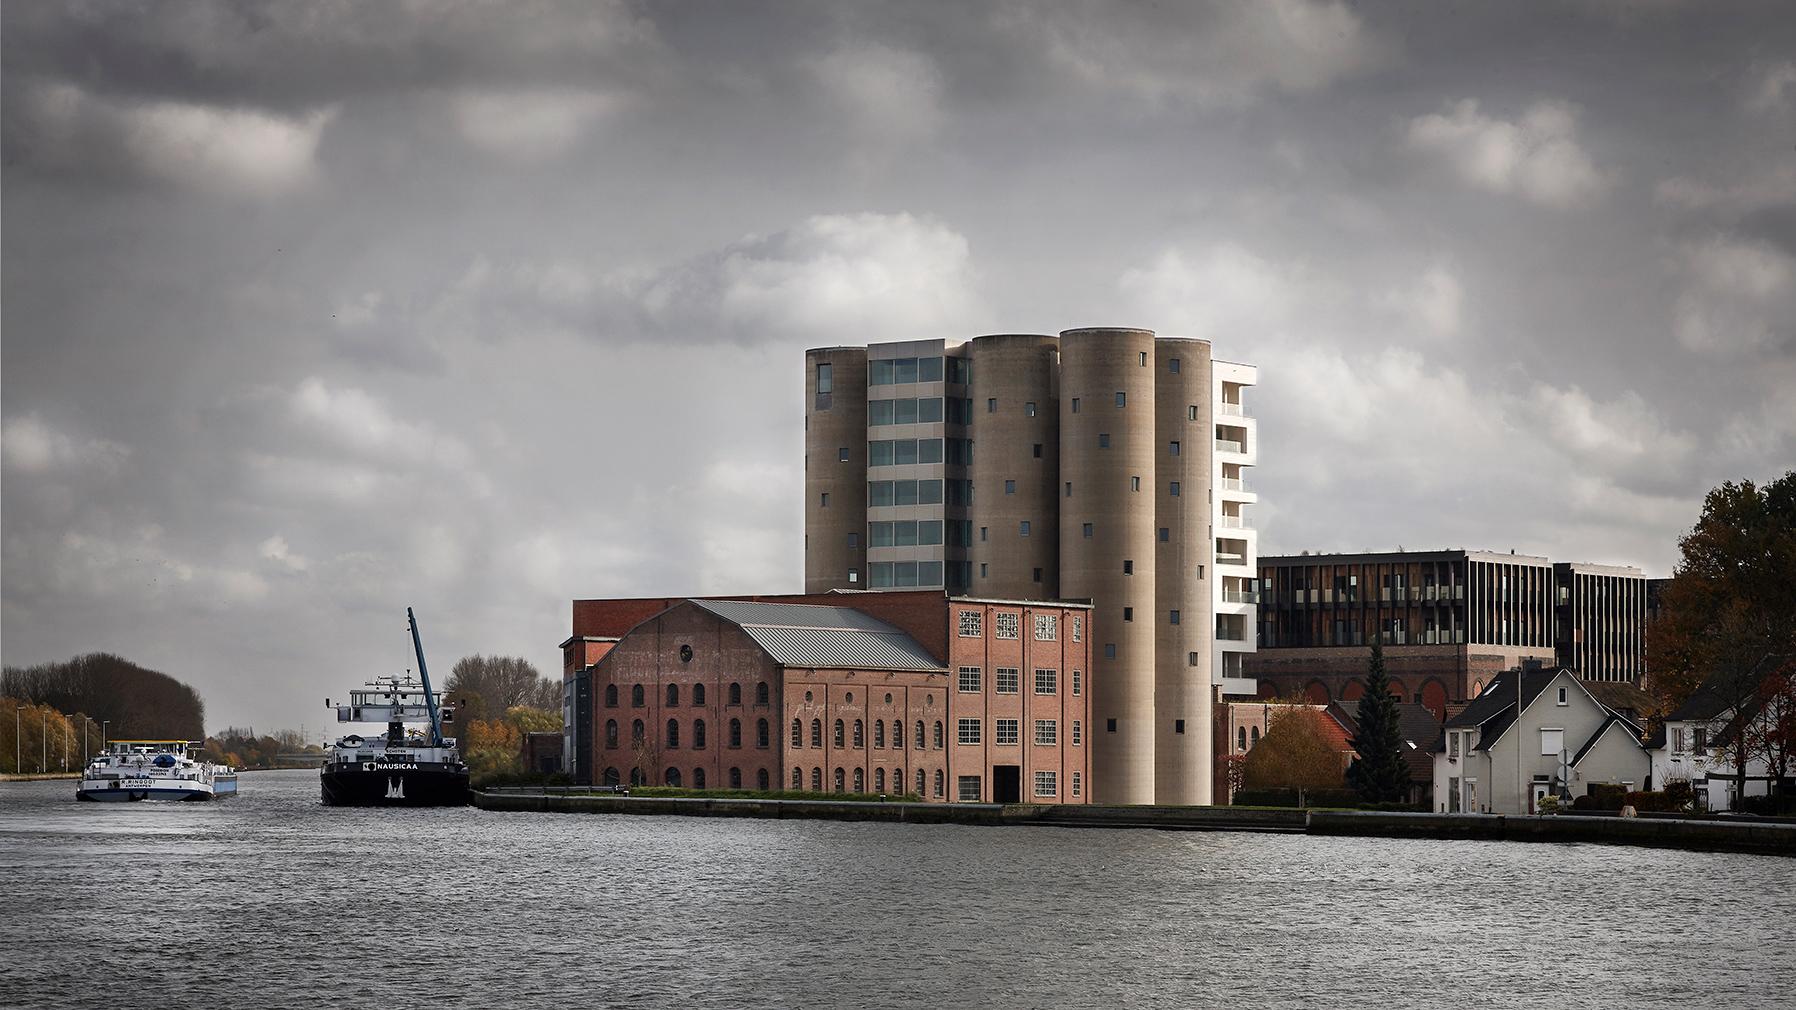 Axel Vervoodt's Kanaal complex in Antwerp